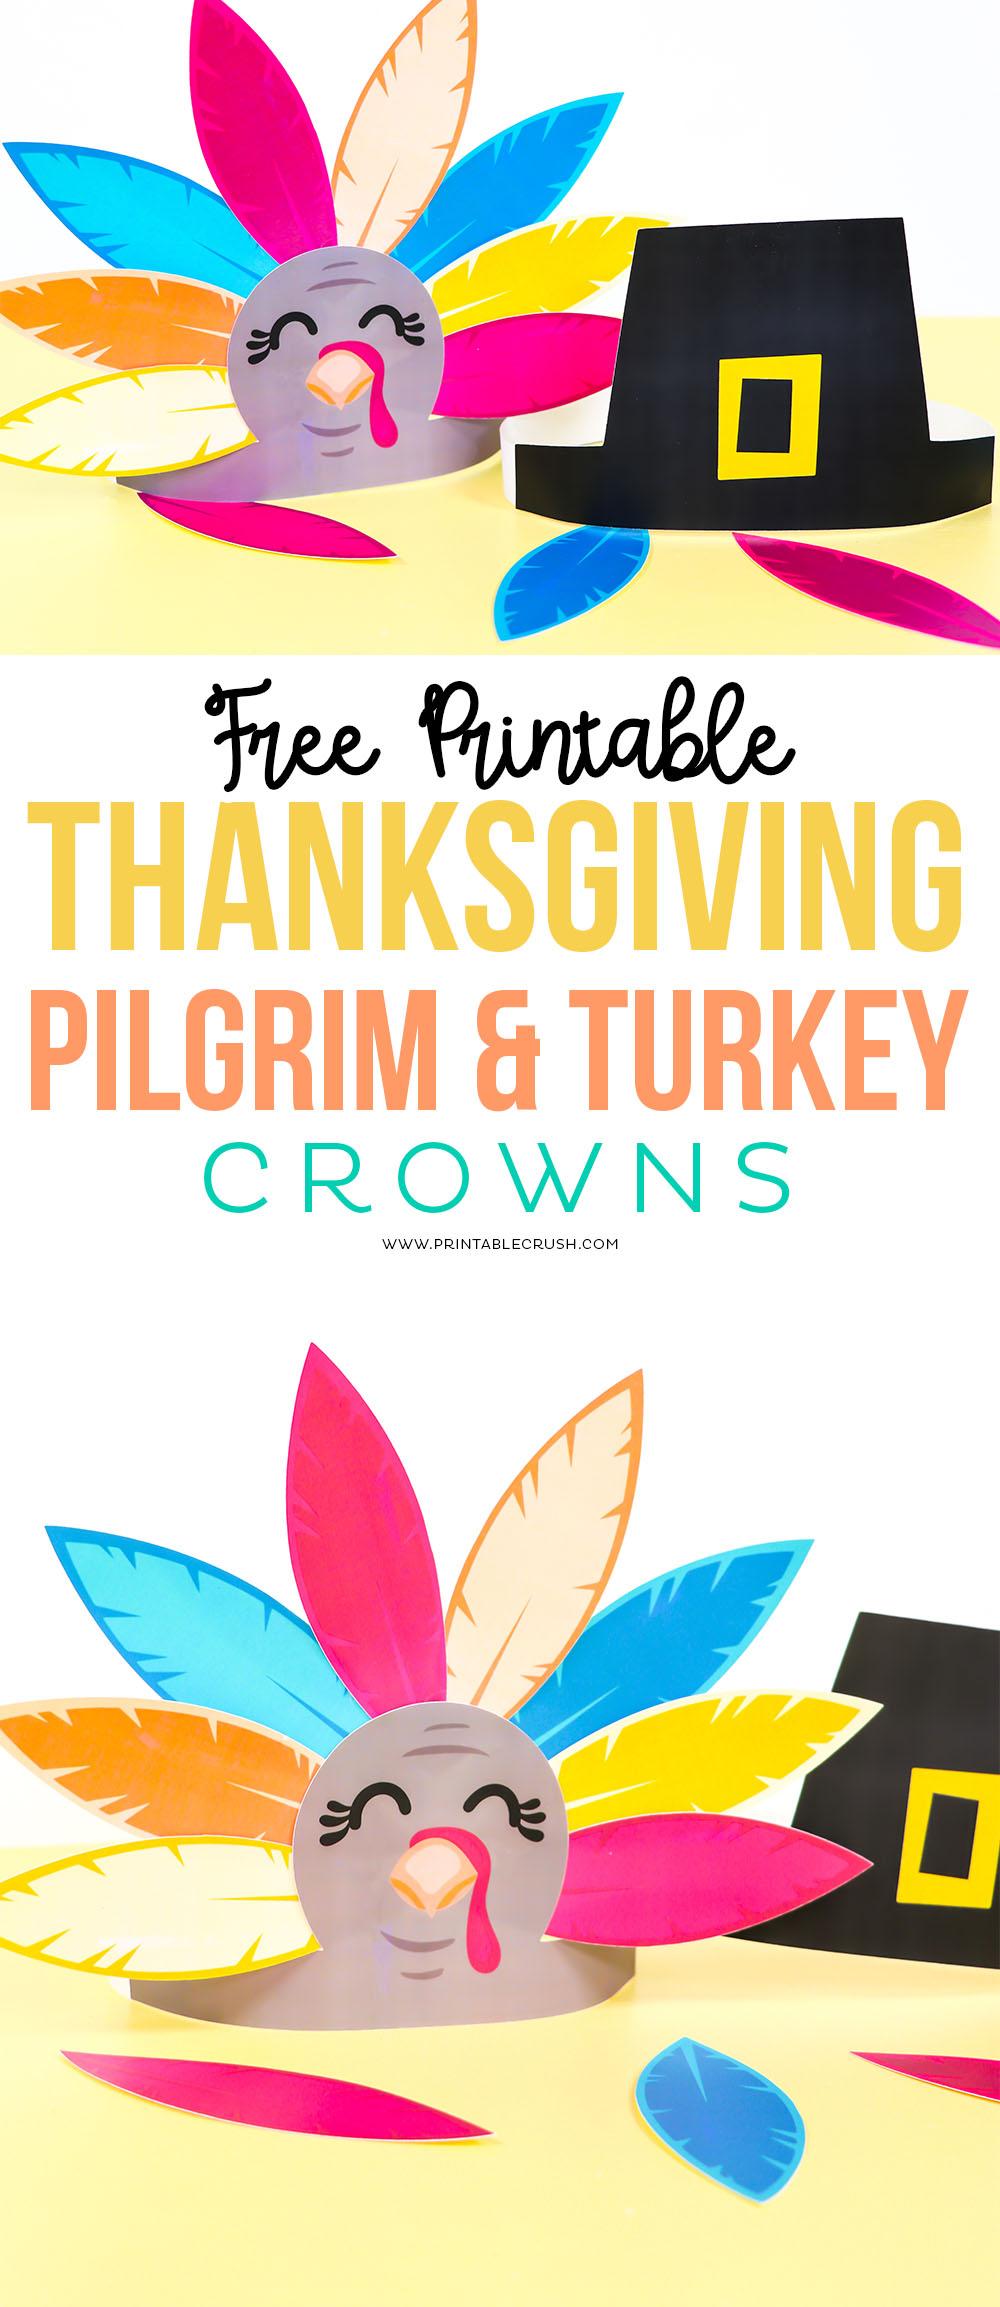 Free Turkey Crown and Pilgrim Crown Printable #thanksgivingprintable #thanksgiving #turkeycrowns #kidthanksgivingcraft #thanksgivingcraft via @printablecrush